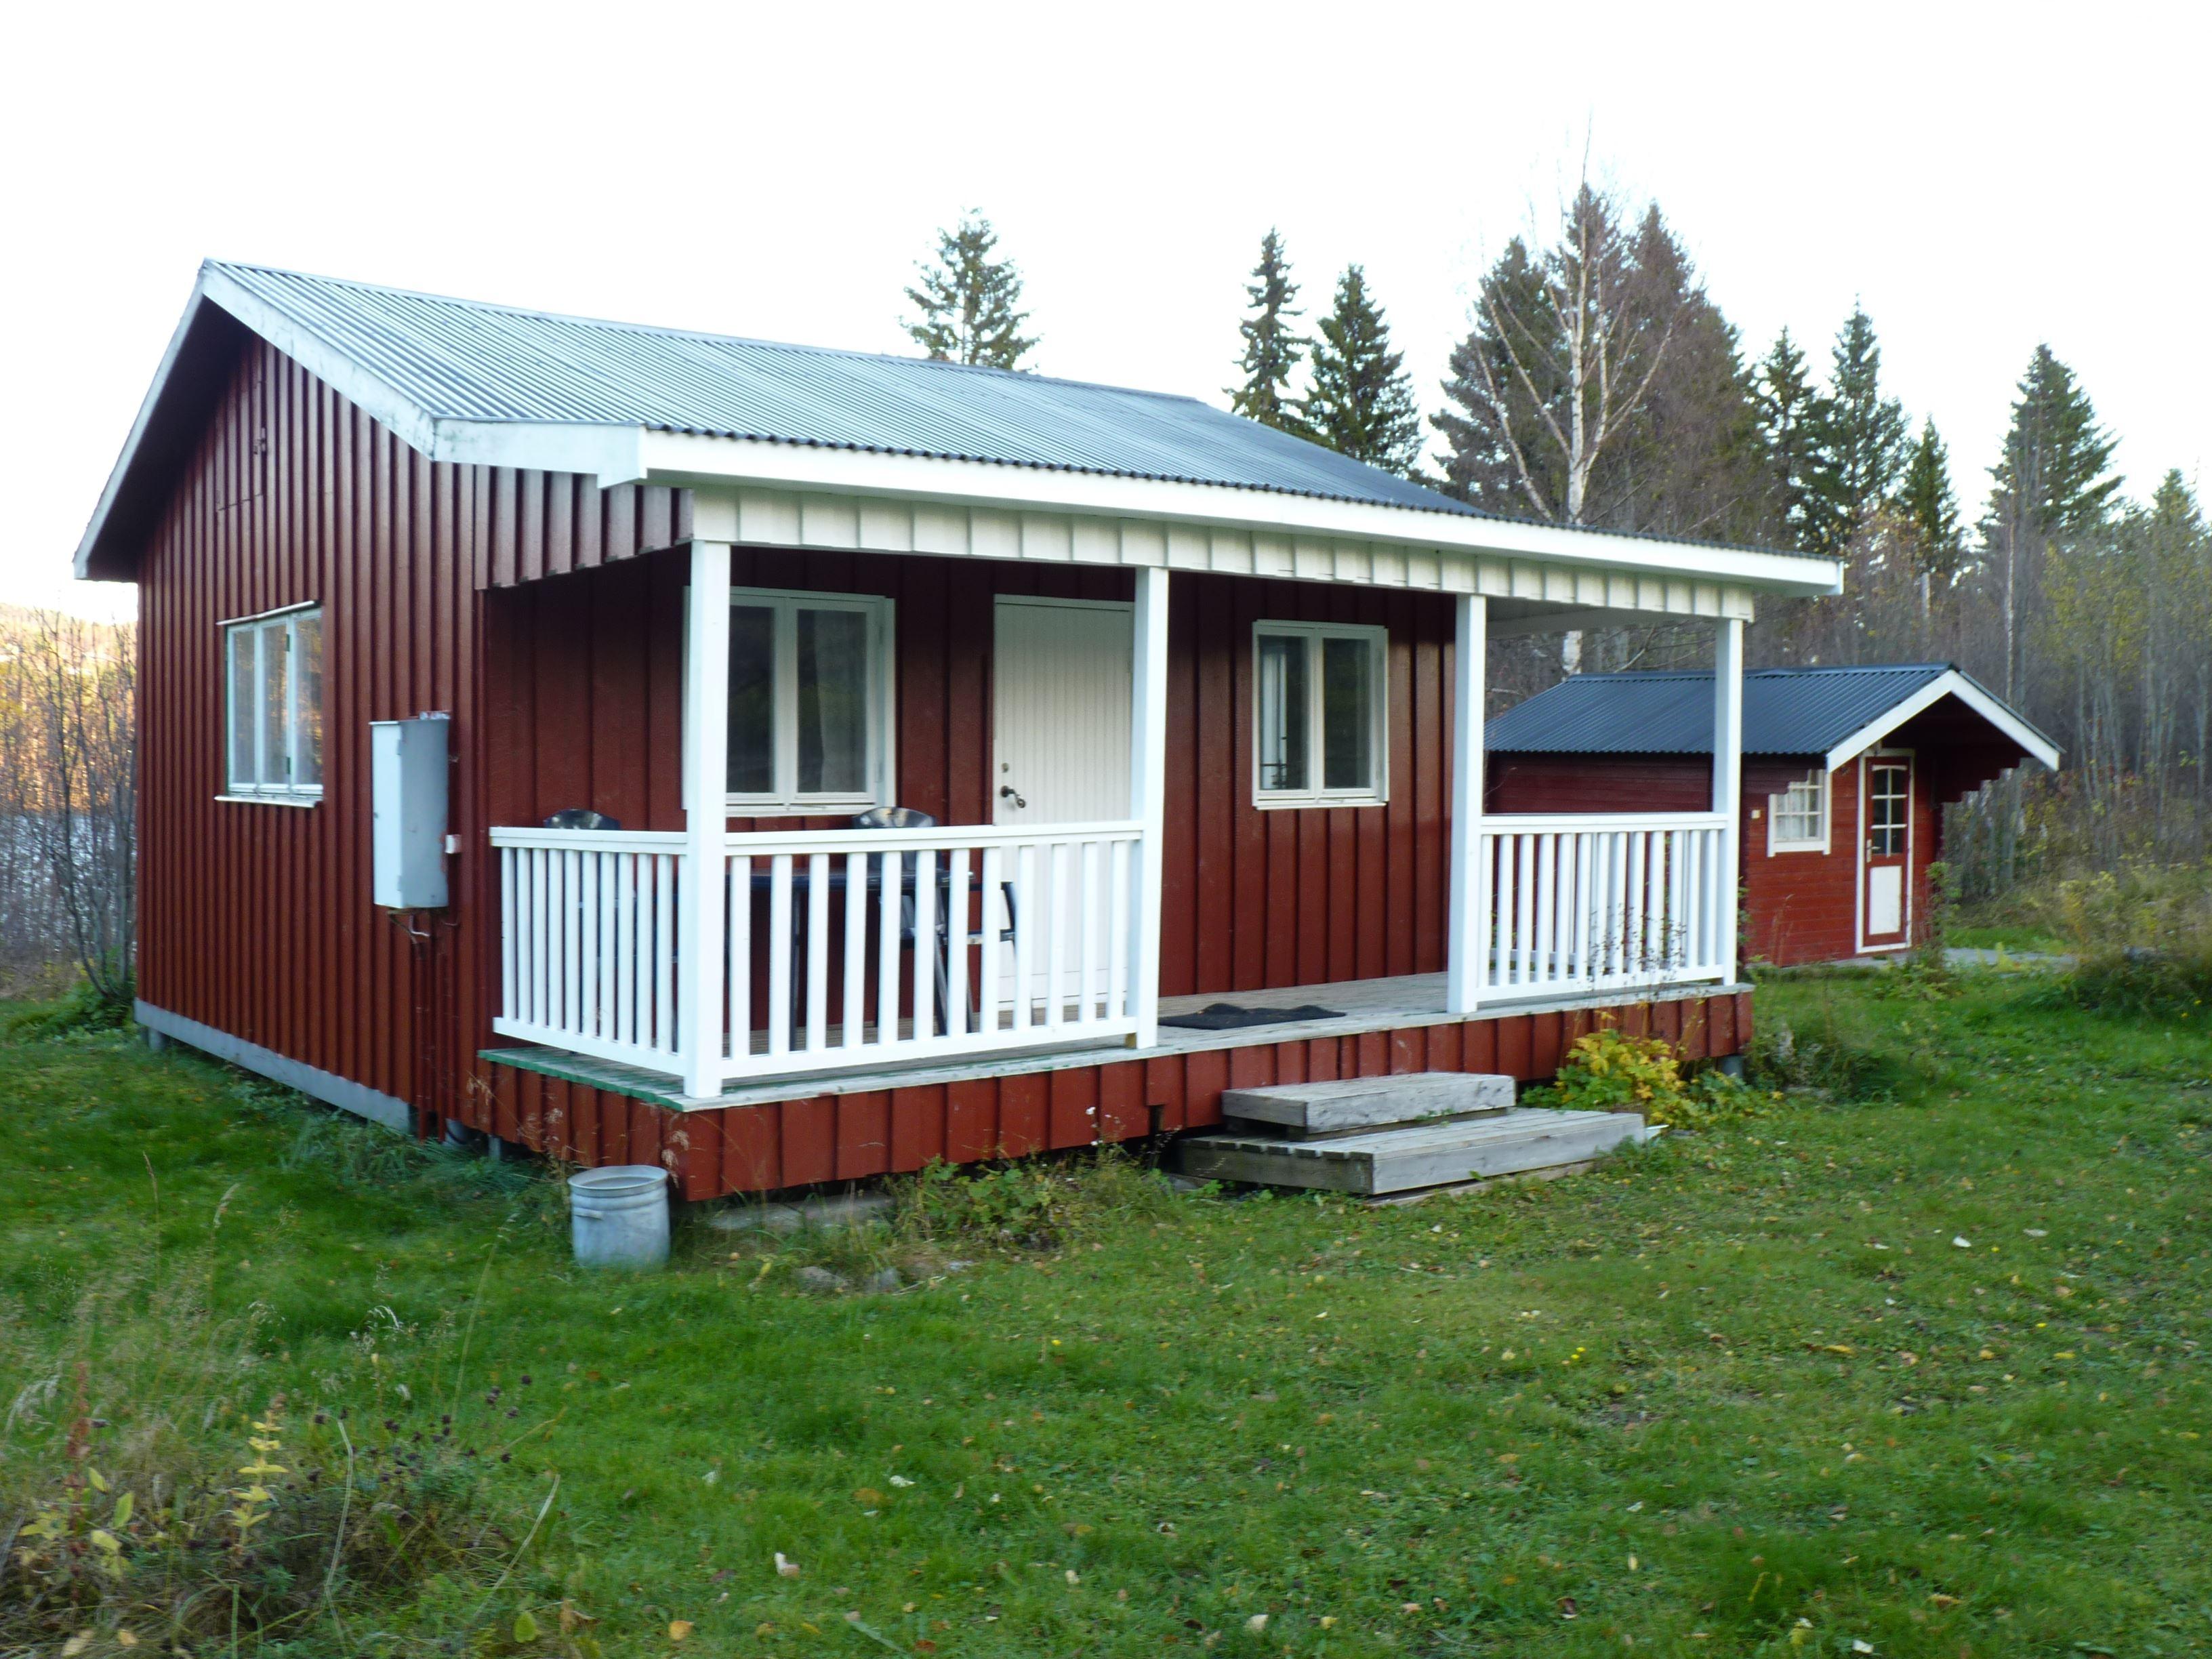 Hammarstrand Camping/Stugor